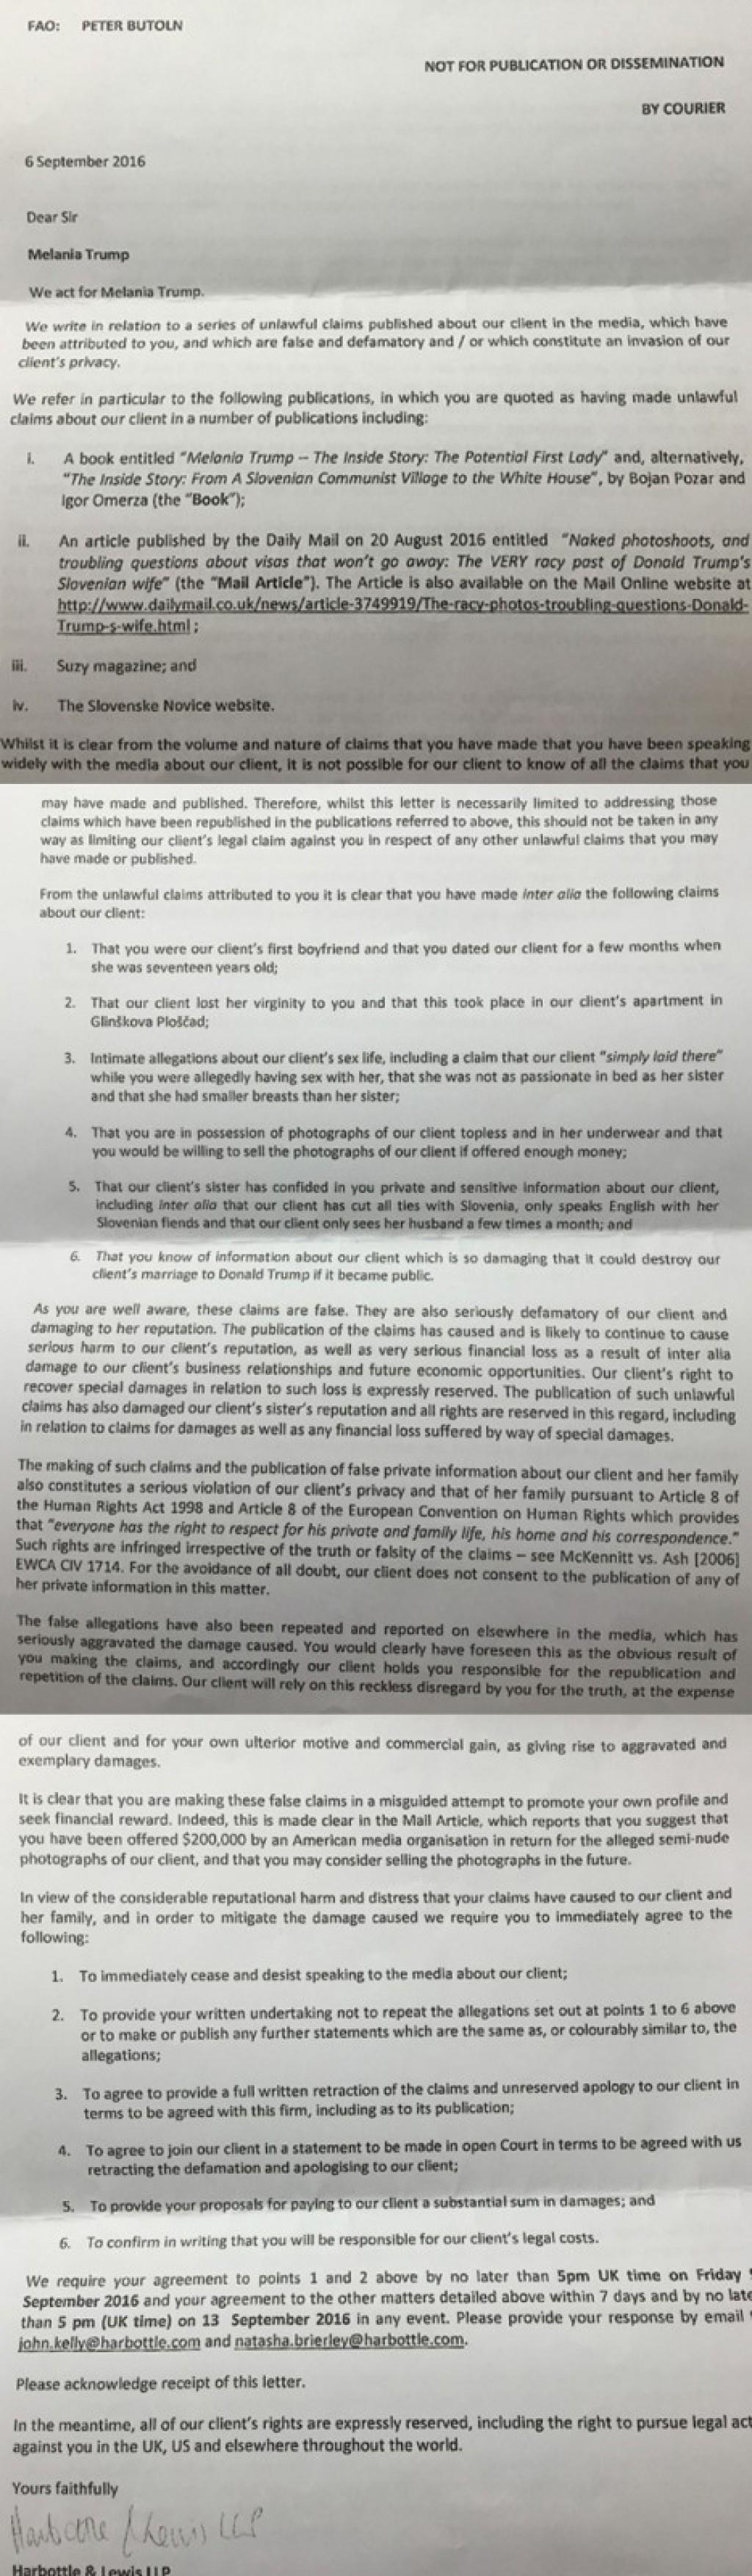 To je faksimile elektronskega pisma, ki ga je Peter Butoln prejel od londonske odvetniške pisarne Harbottle & Lewis (za povečavo kliknite na sliko). Ameriški novinarji so menda zgroženi.<br>